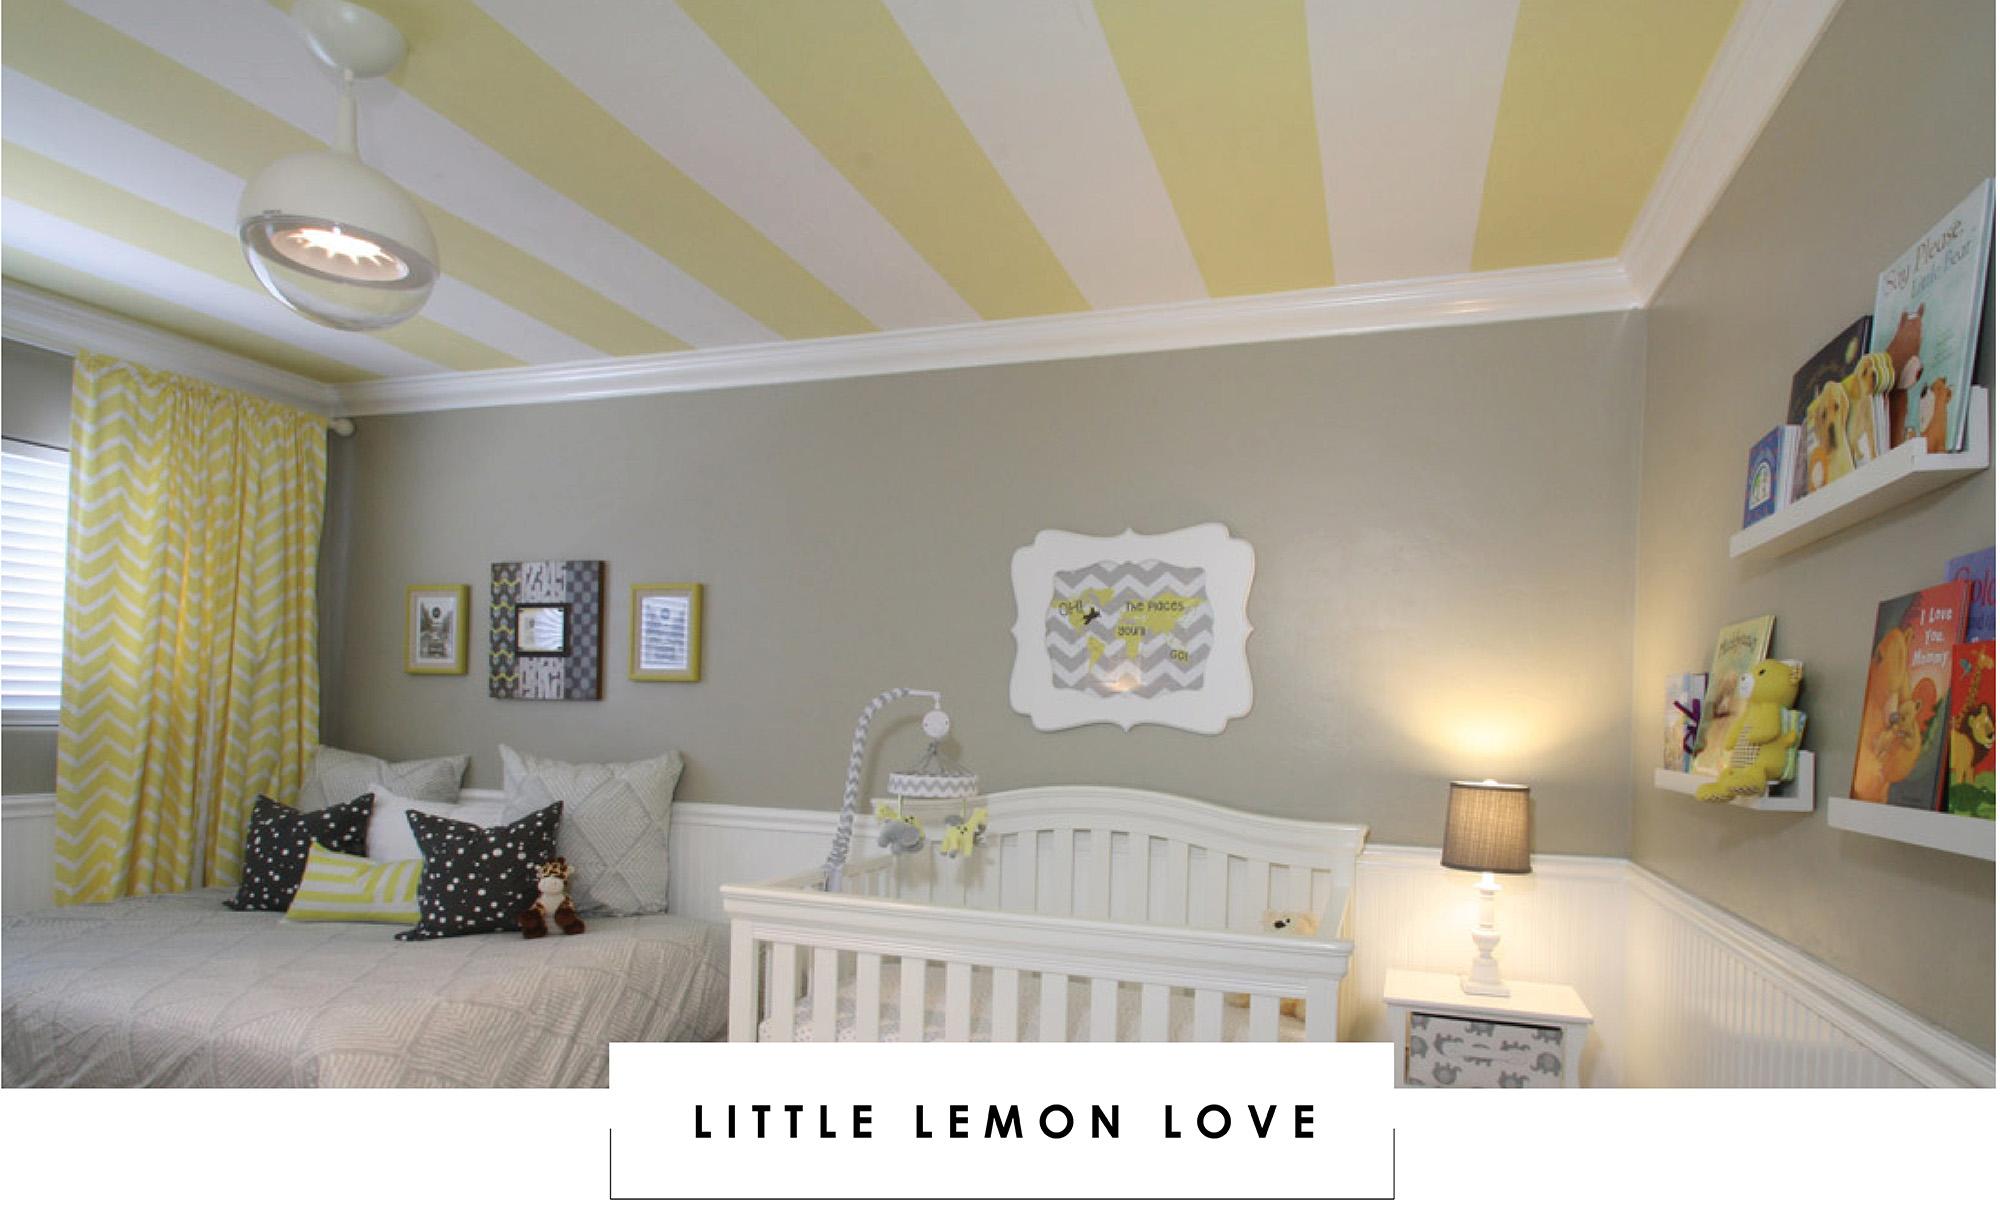 Little Lemon Love Cover.jpg